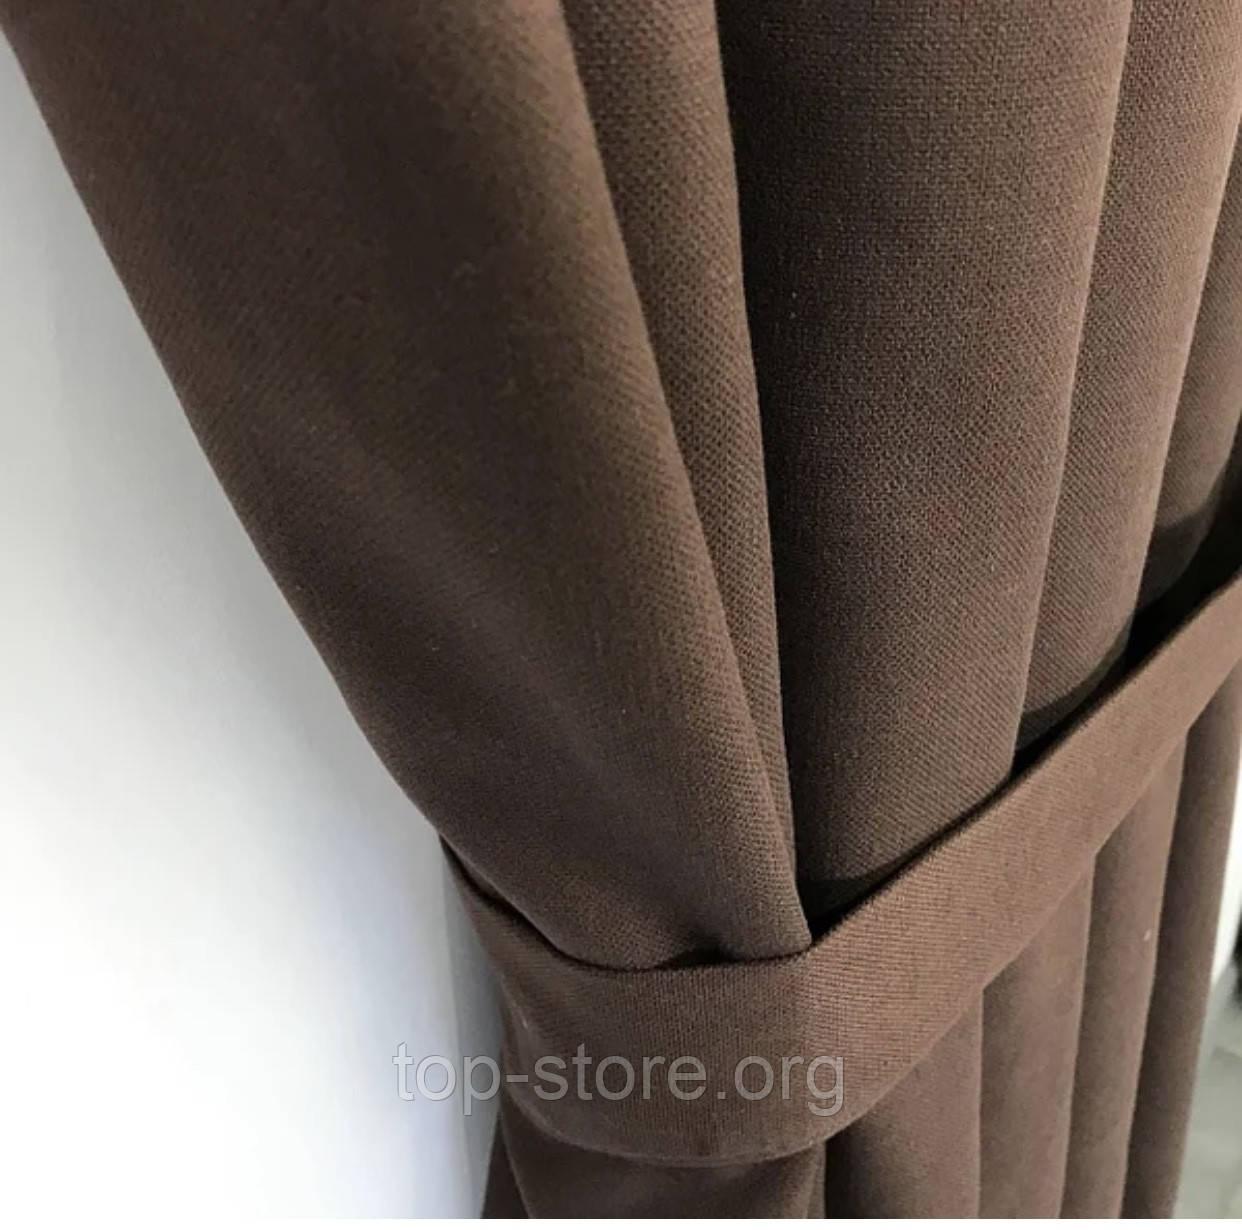 Комплект штор на тасьмі Штори 200х270 штори мікровелюр Штори з підхватами Колір Шоколадний